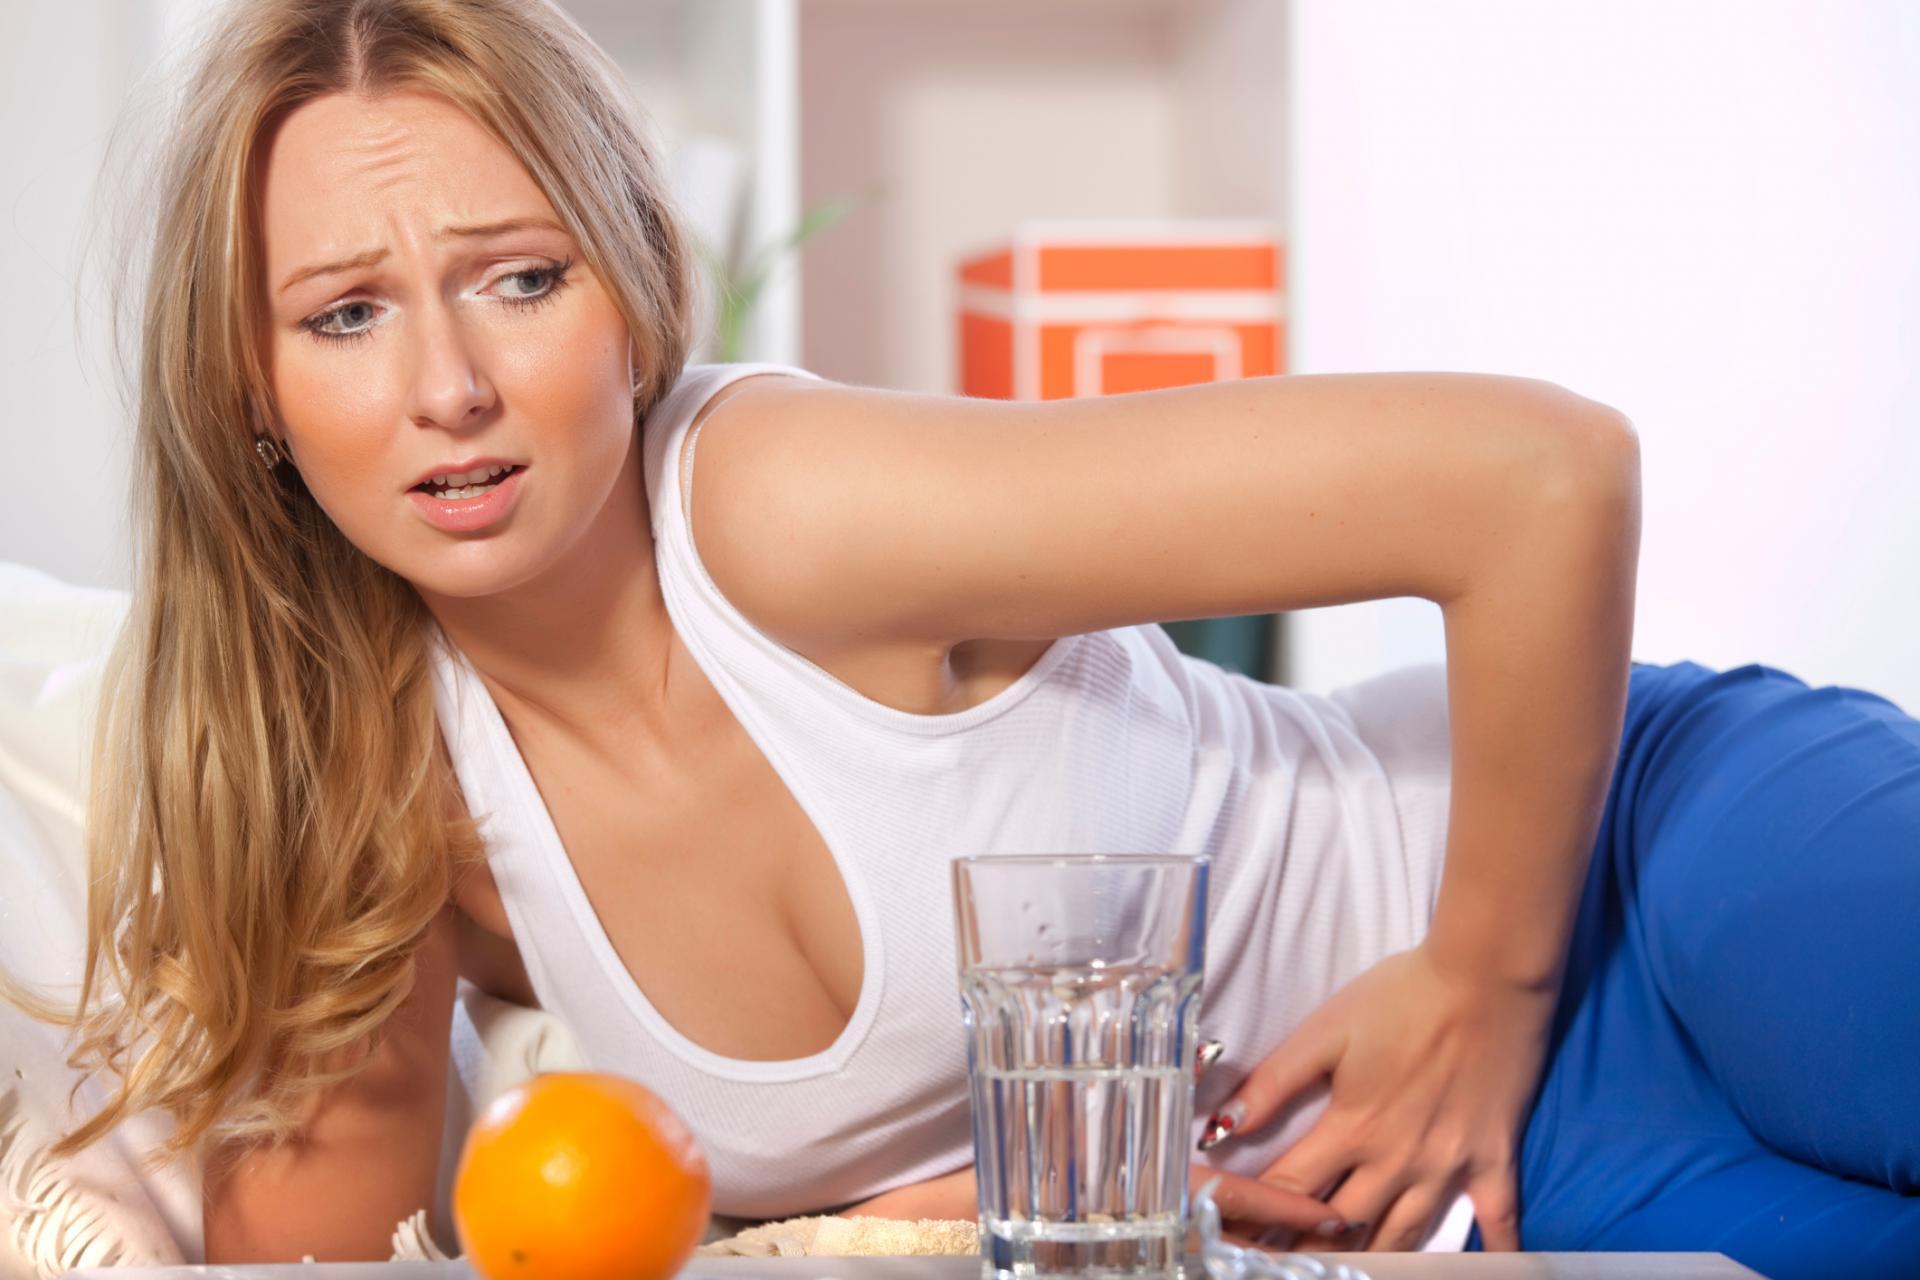 Почему после приема пищи наступает слабость и головокружение